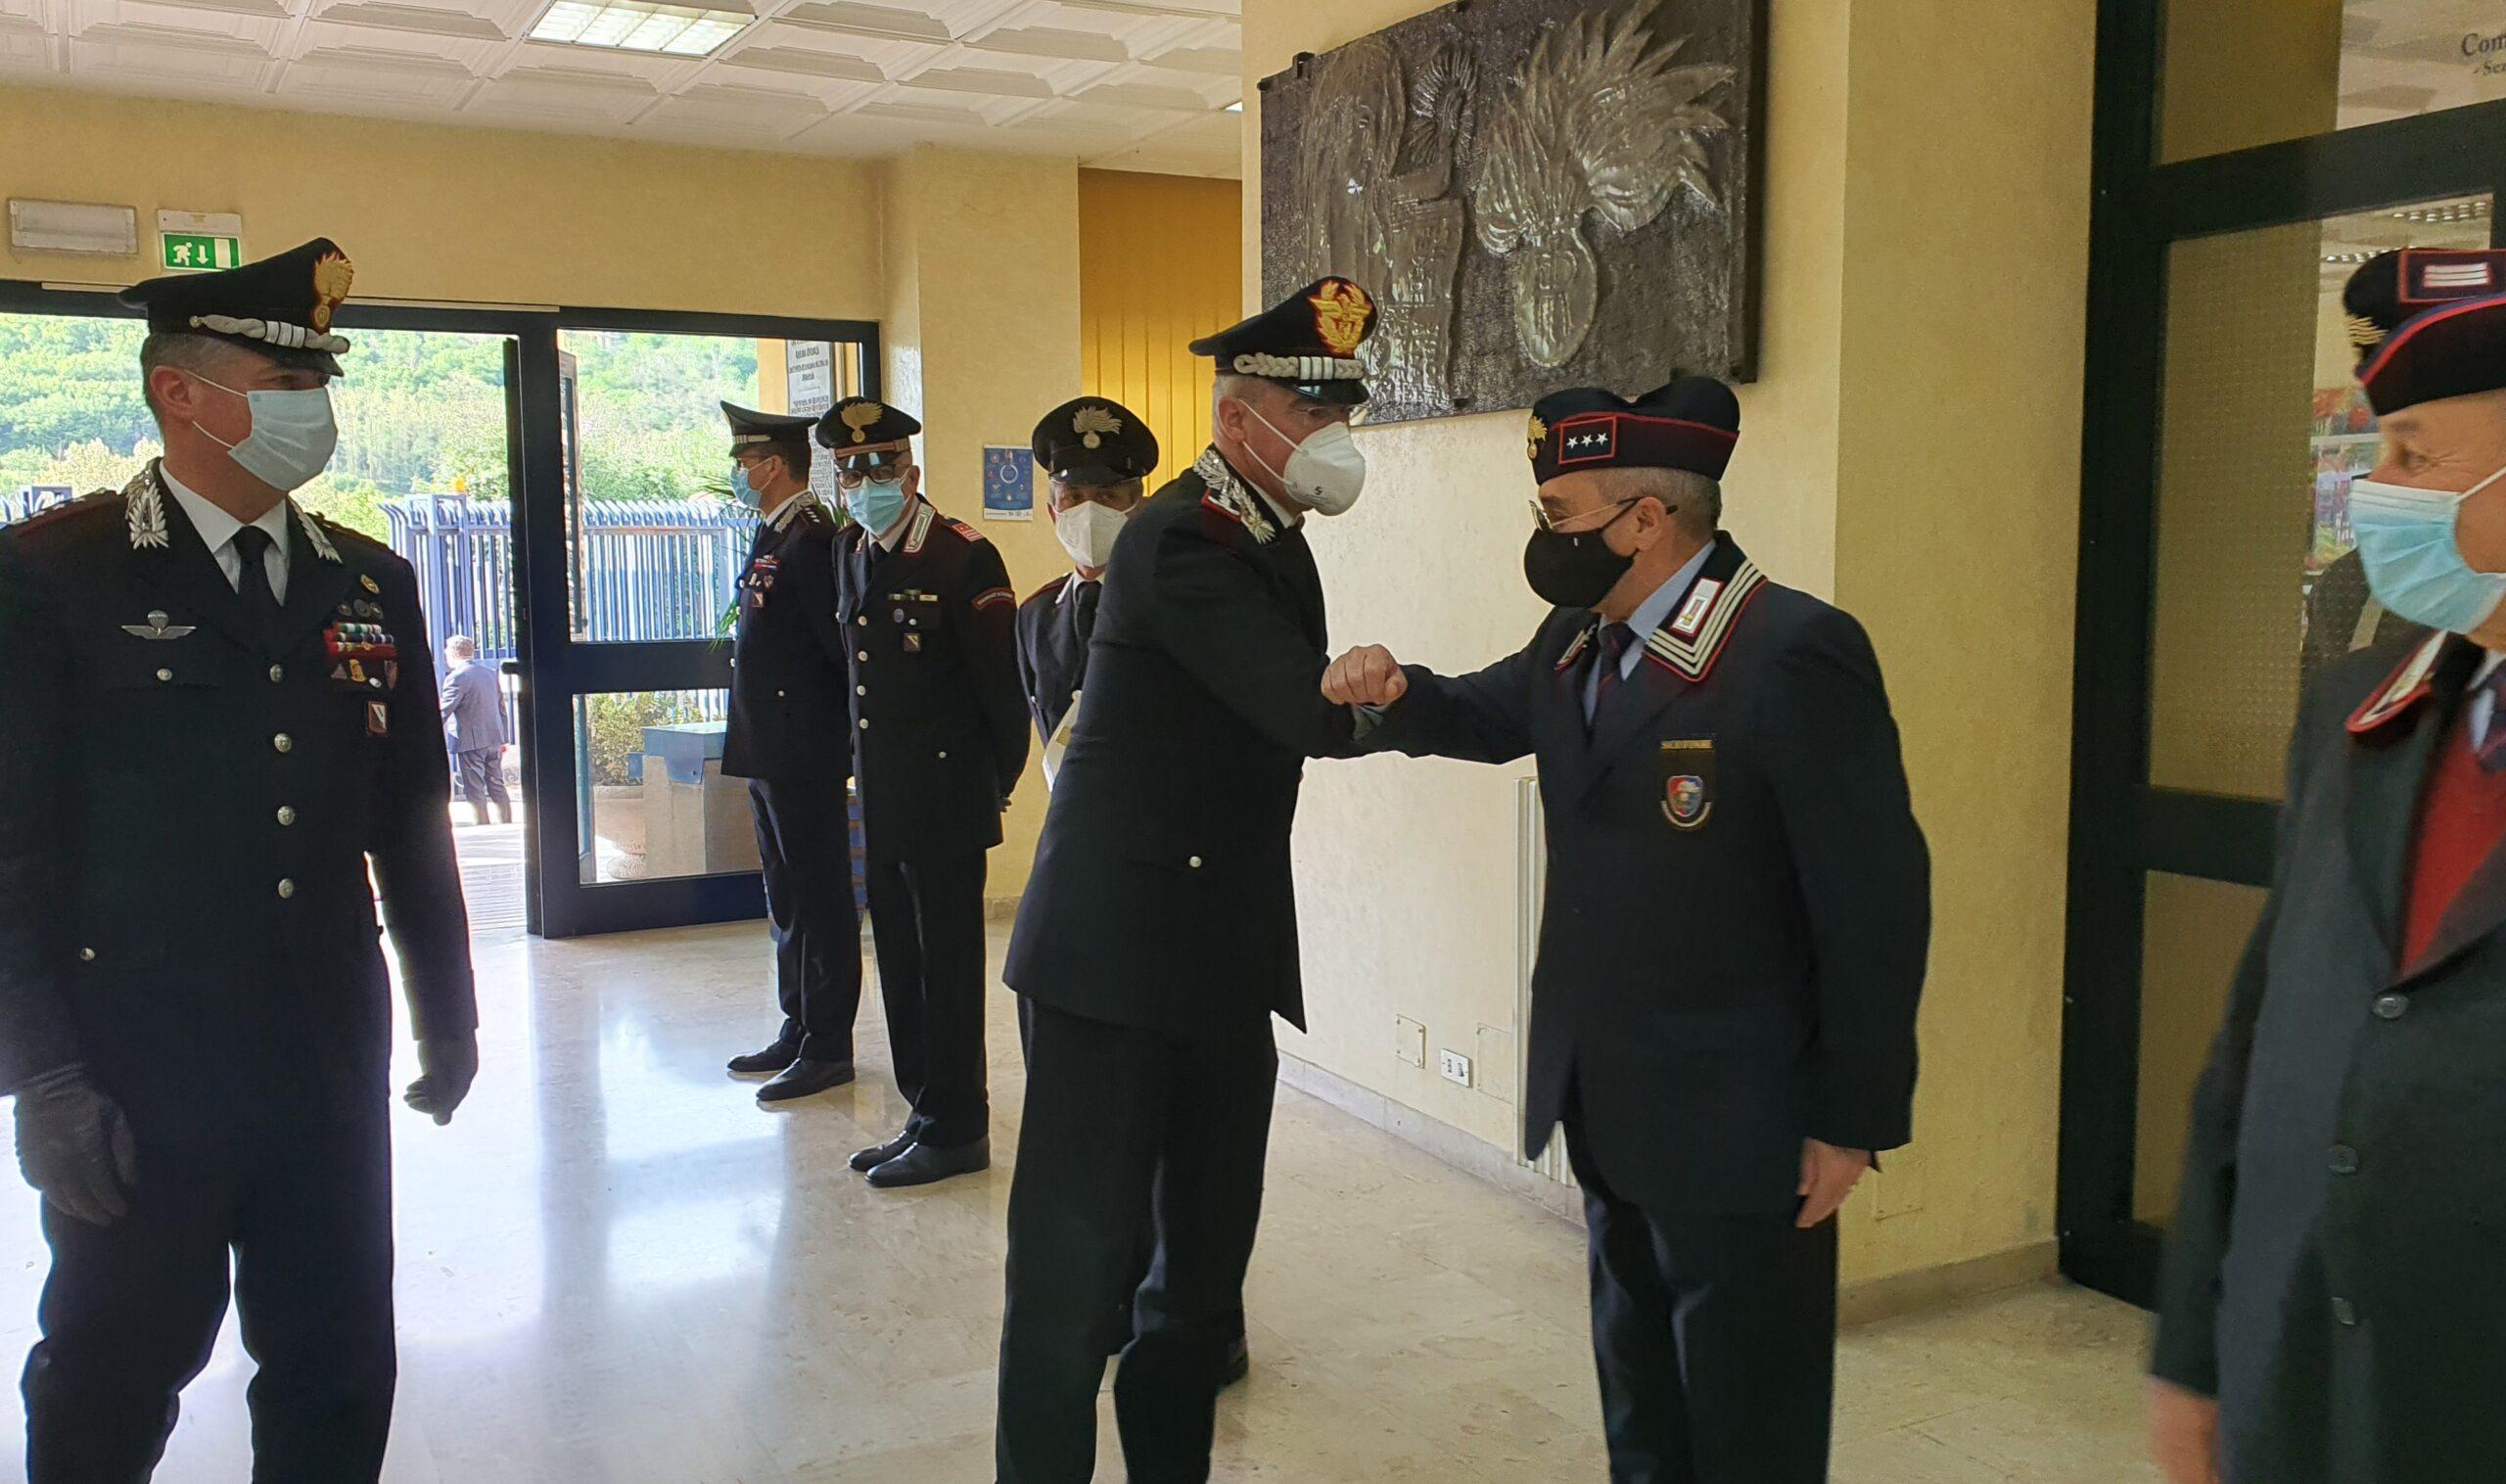 Mezzavilla carabinieri